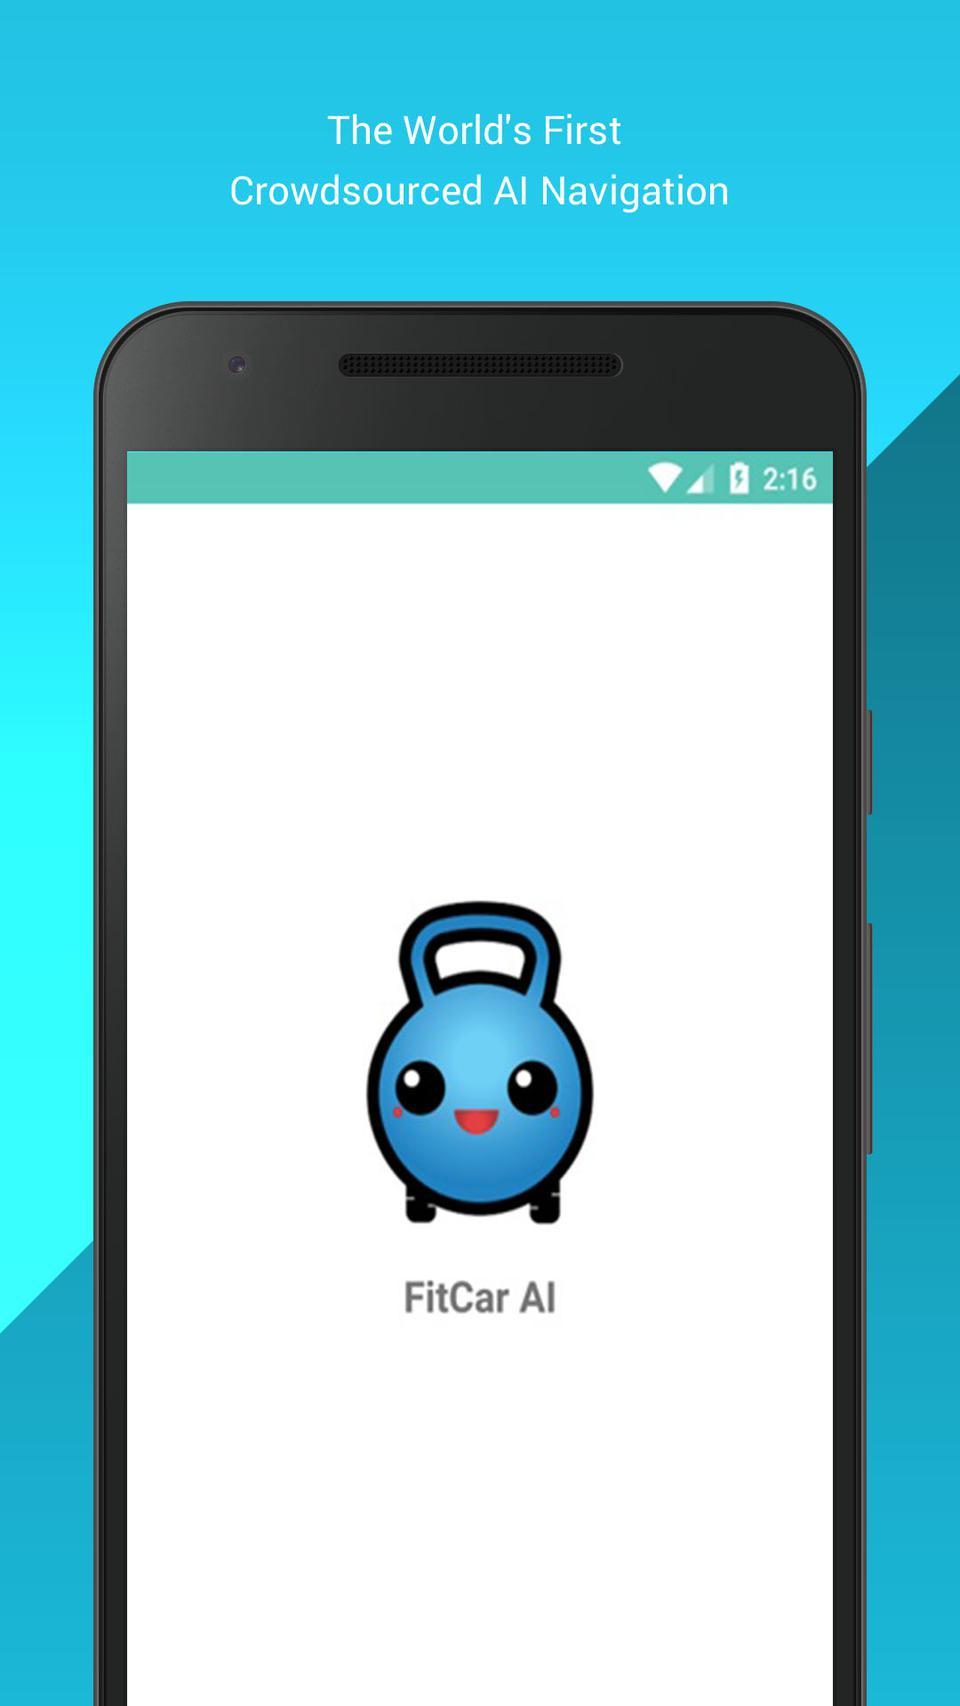 The FitCar AI